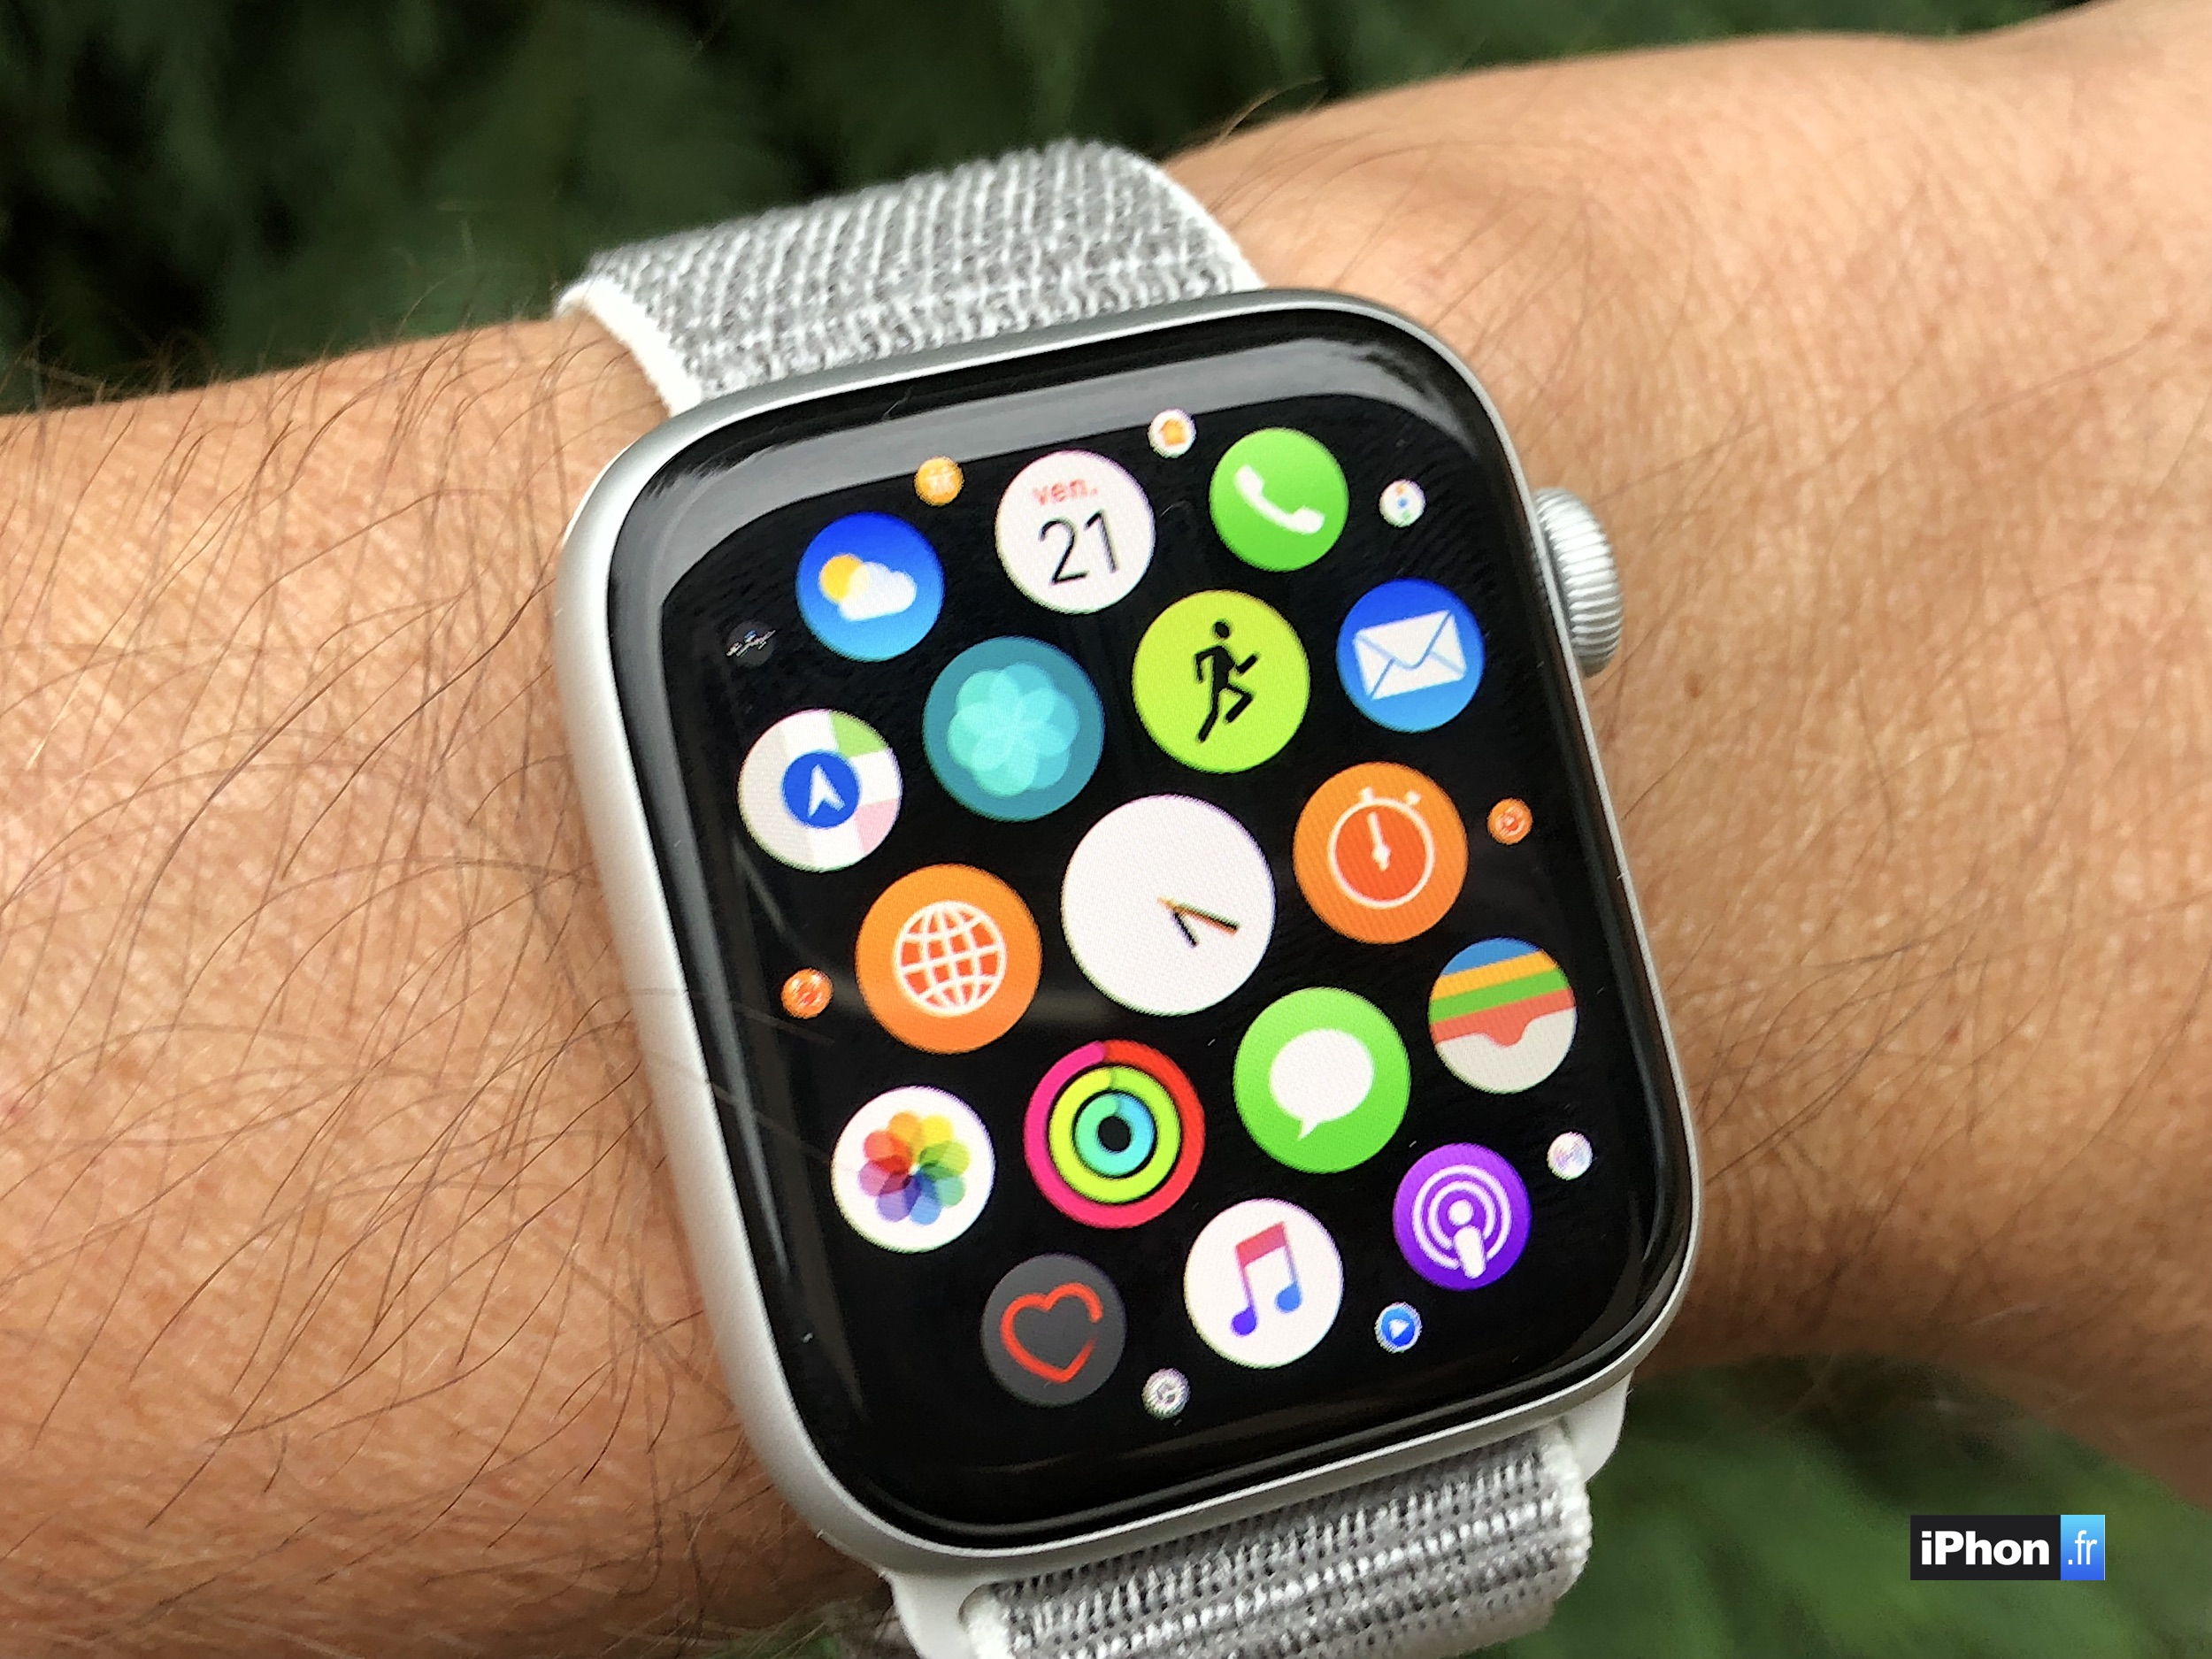 MàJ - Découvrez l'Apple Watch Séries 4 en photos et vidéo (aveec comparaison design précédent) 1